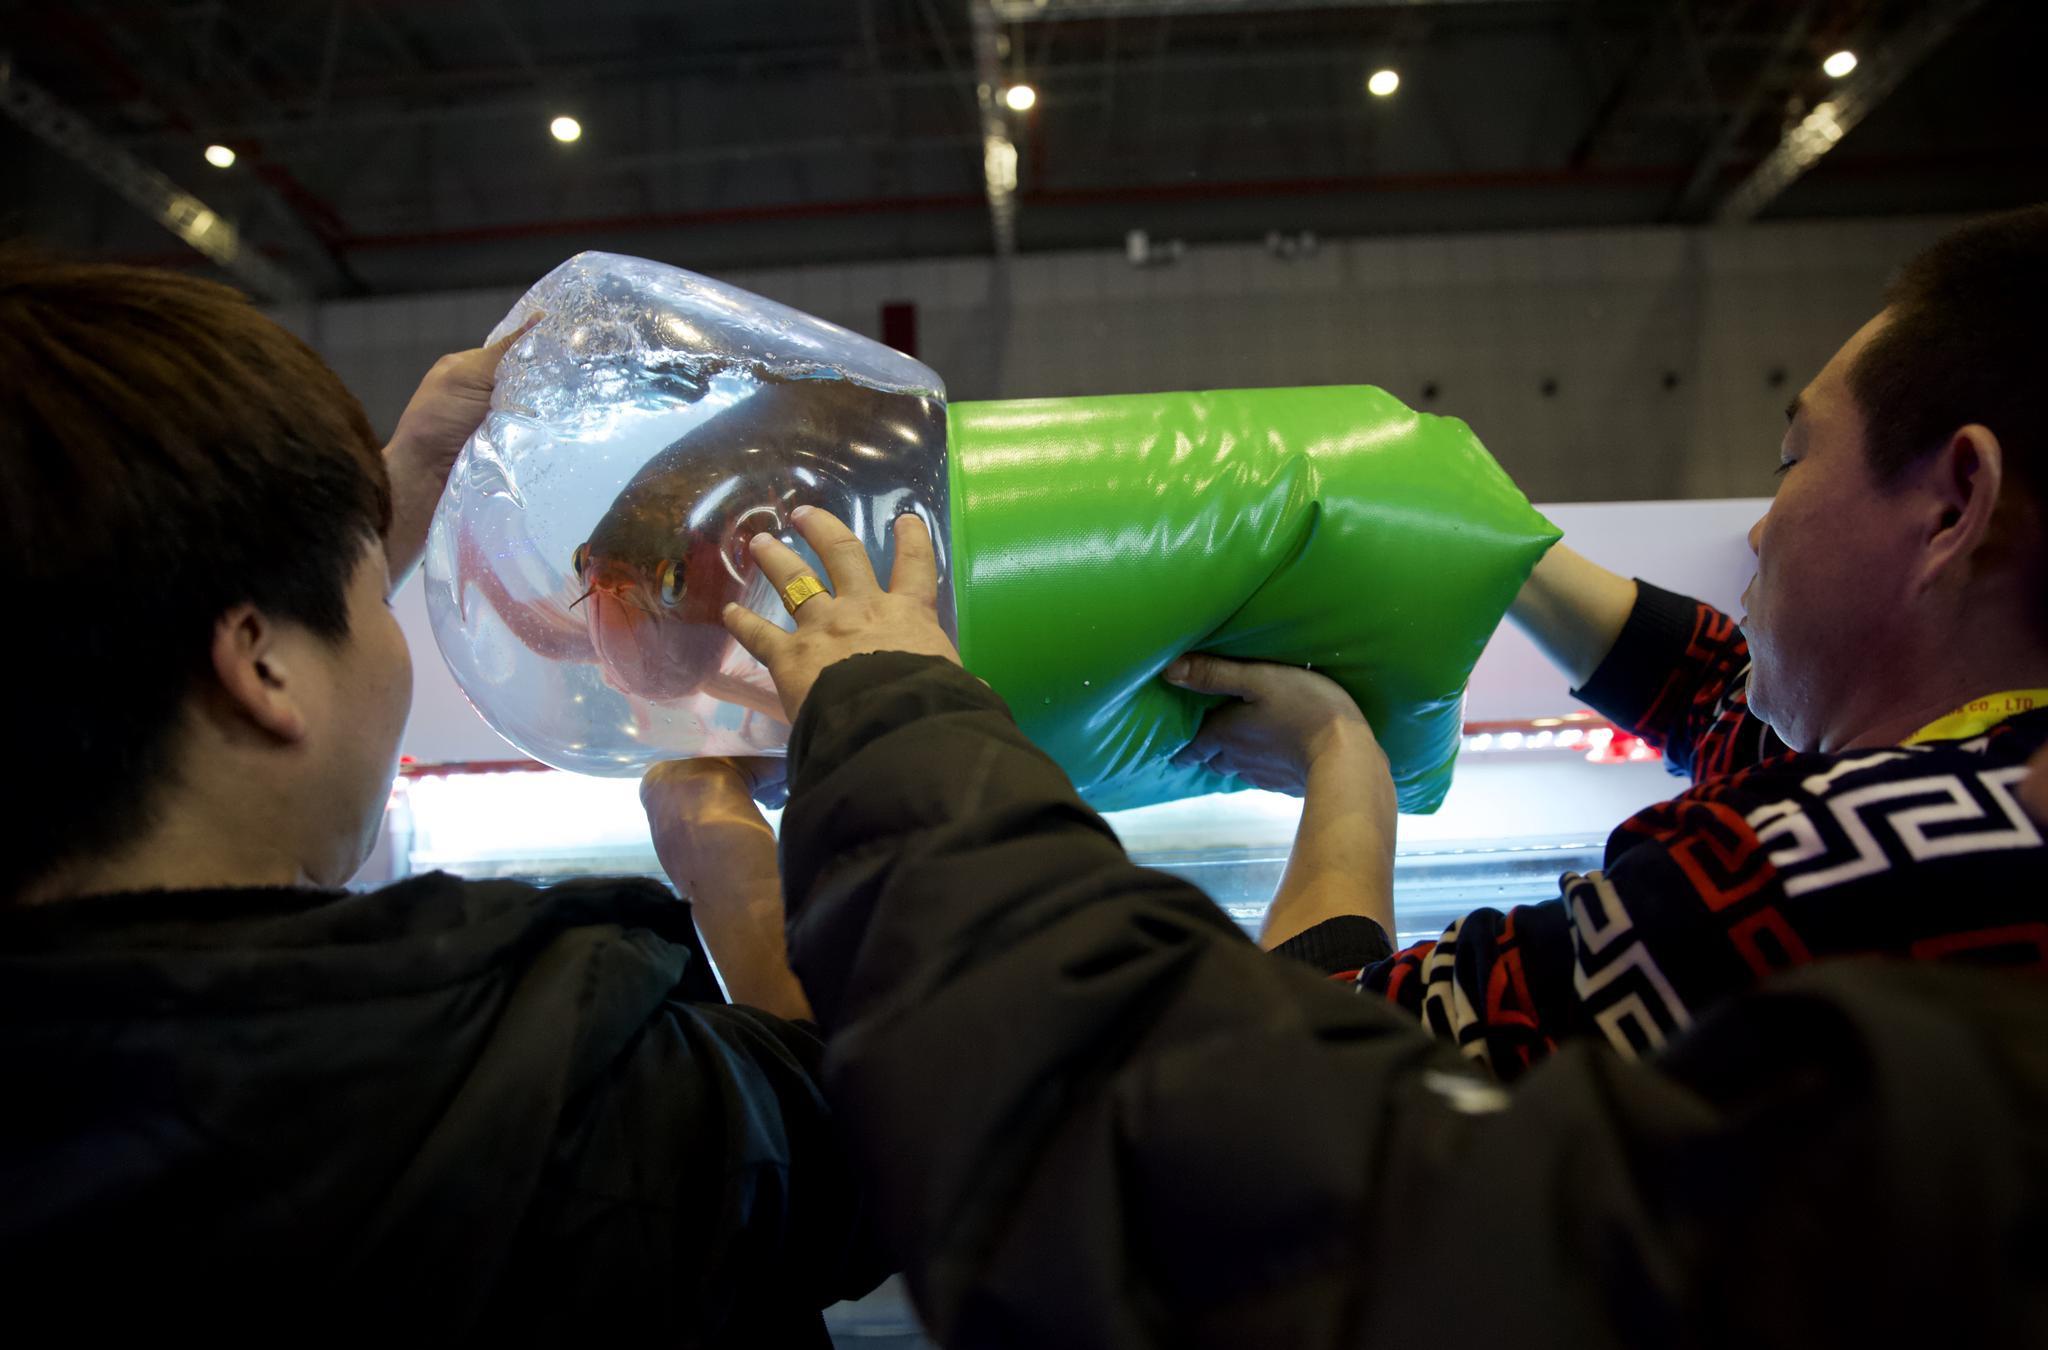 11月19日,工作人员将装有参赛龙鱼的袋子放进比赛缸,等袋内水温与缸中水温接近后,他们才会解开袋子将龙鱼放出。新京报记者 郑新洽 摄